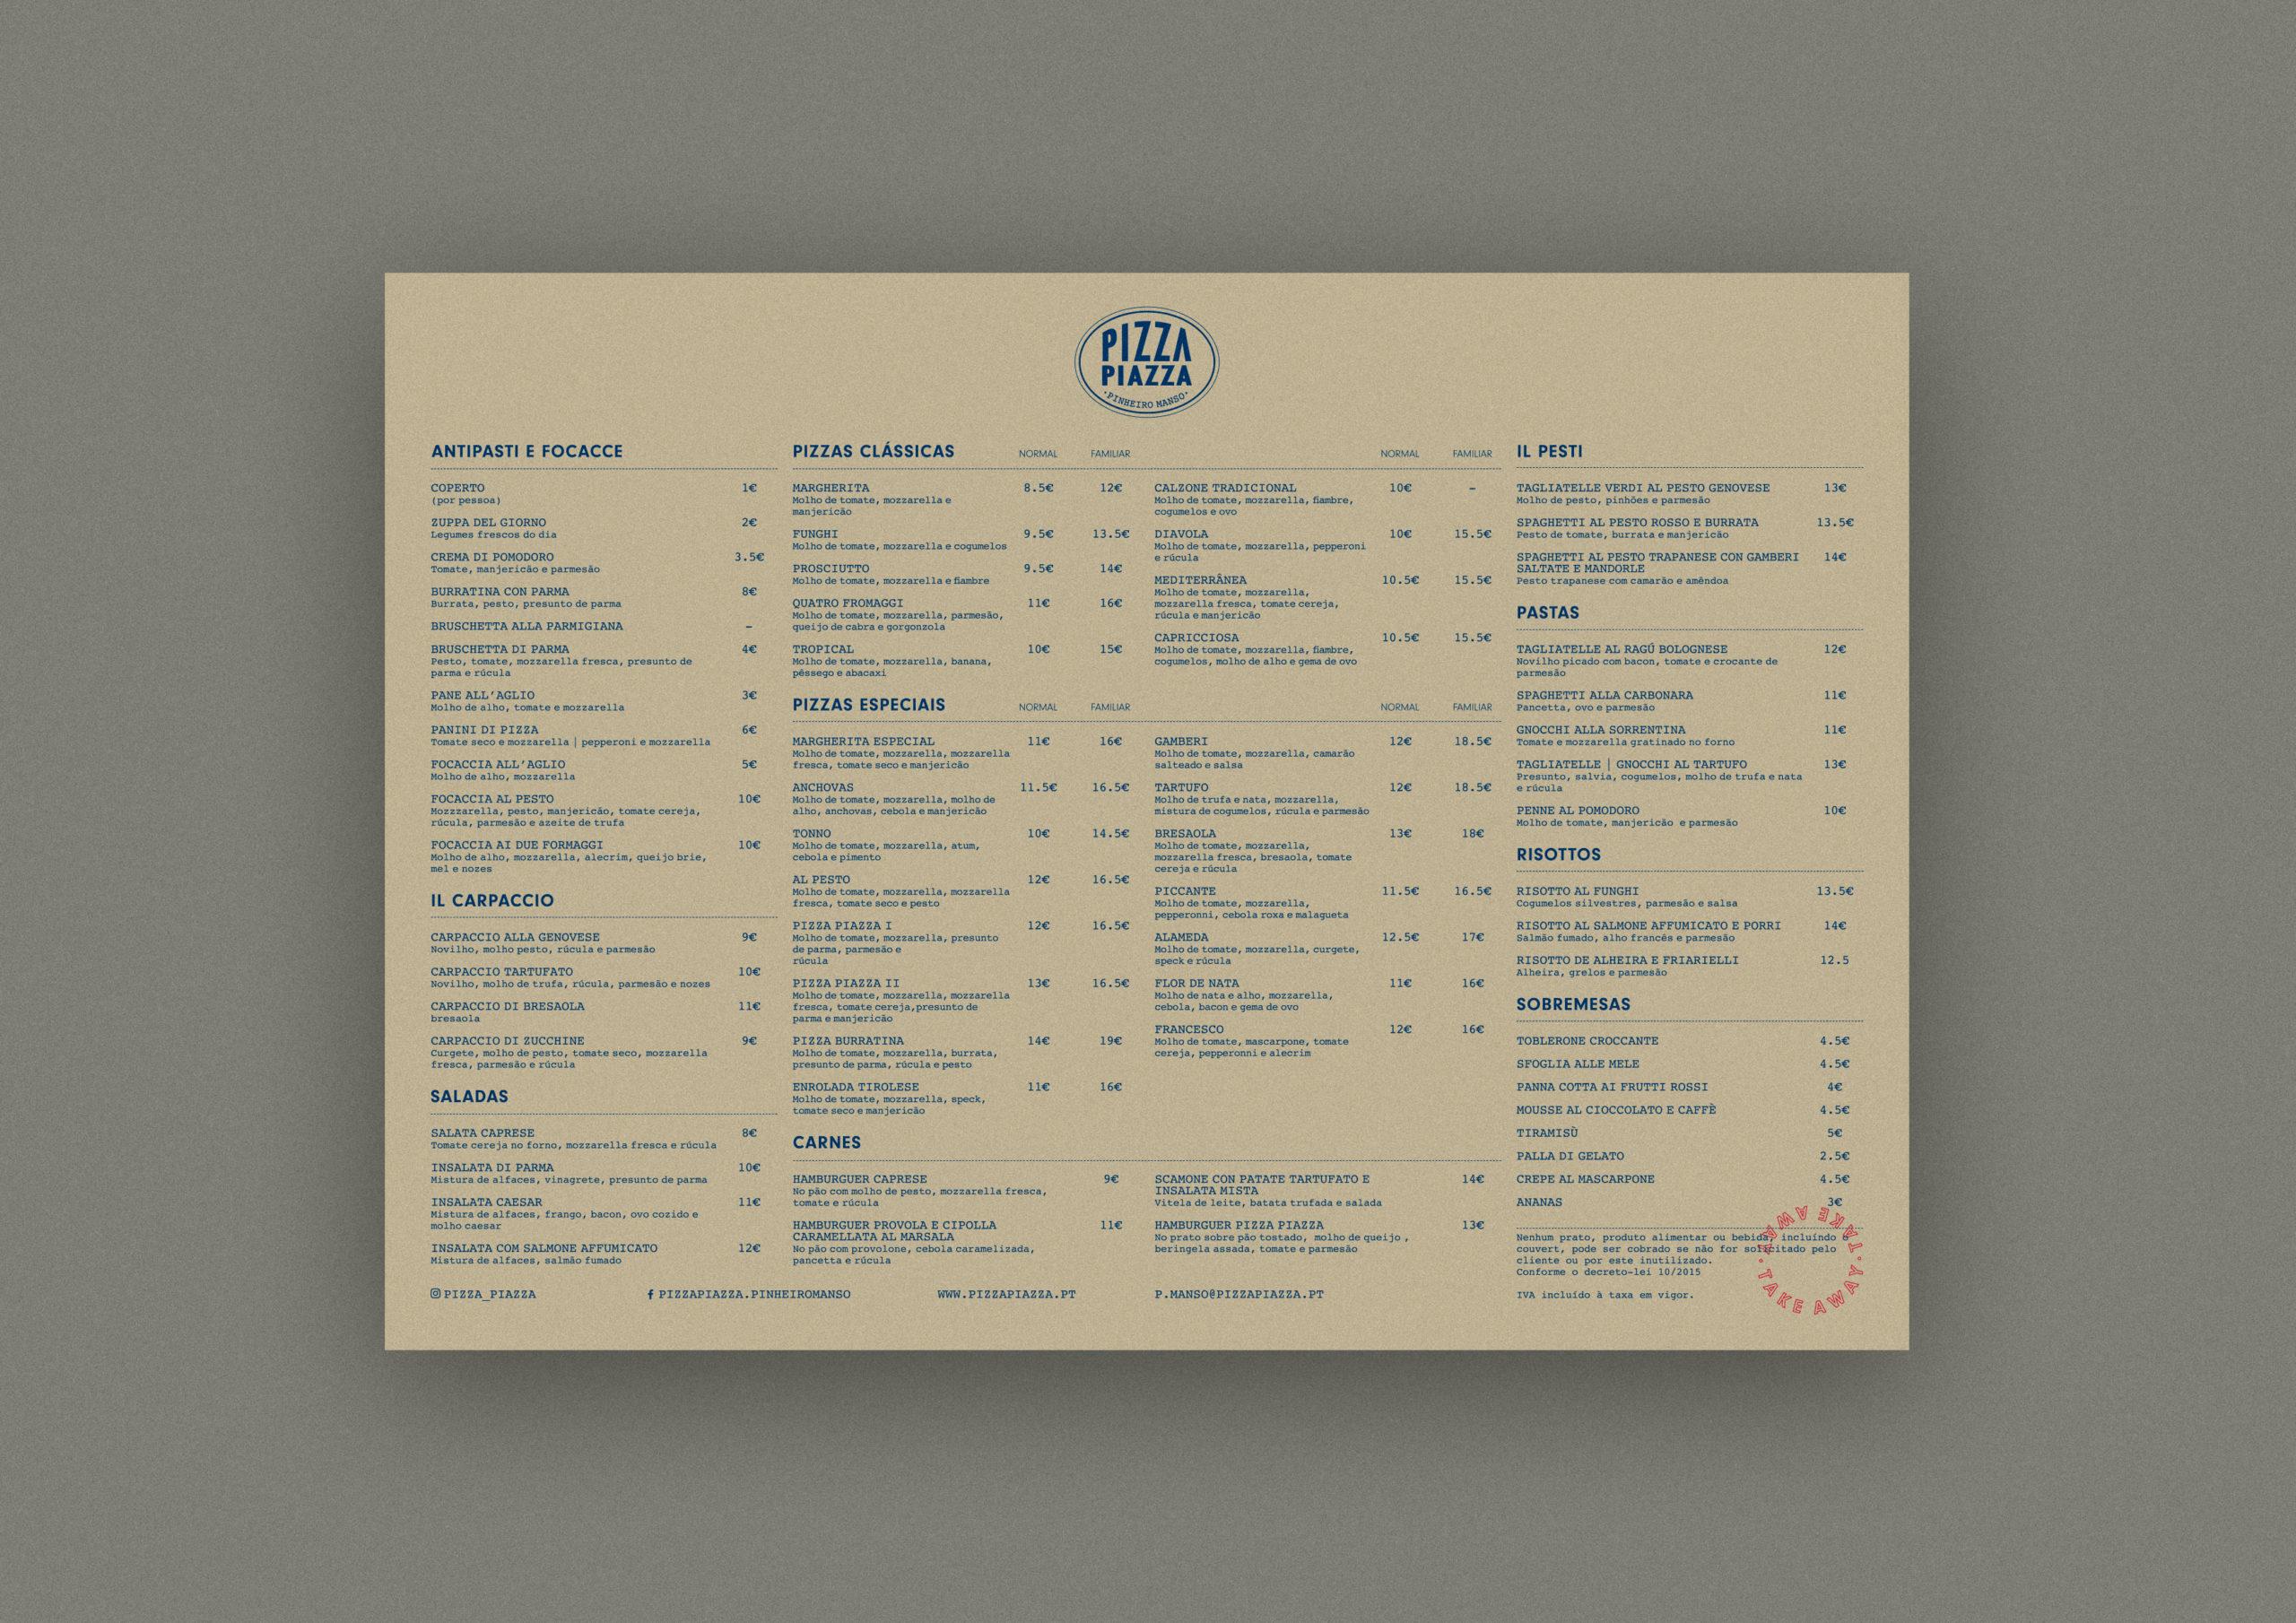 Menu-Craft-A3-Pizza-Piazza